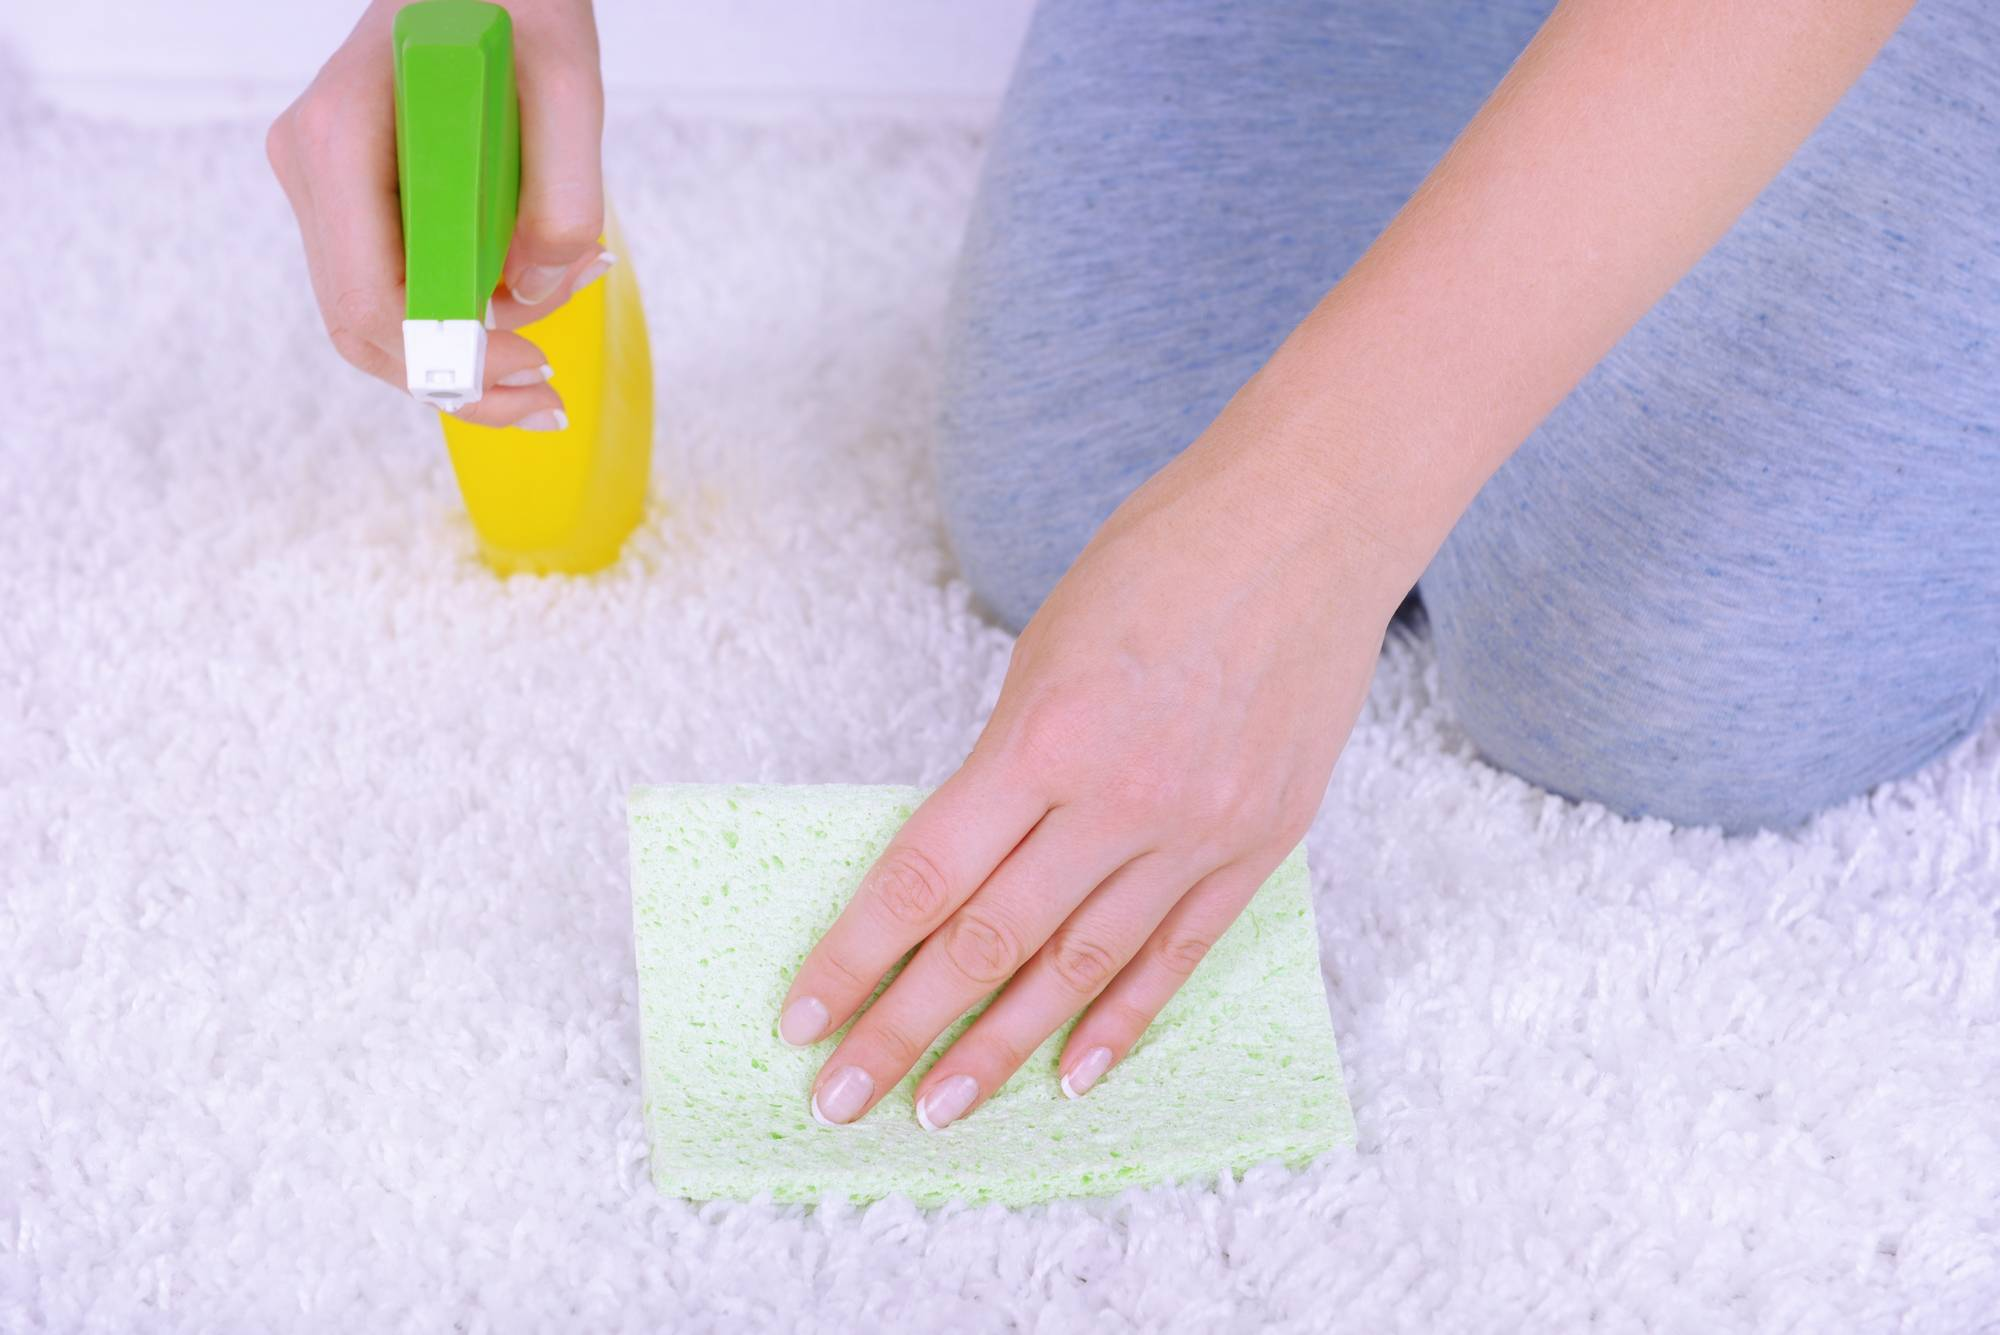 Эффективные способы вывести пятна и запах мочи с дивана